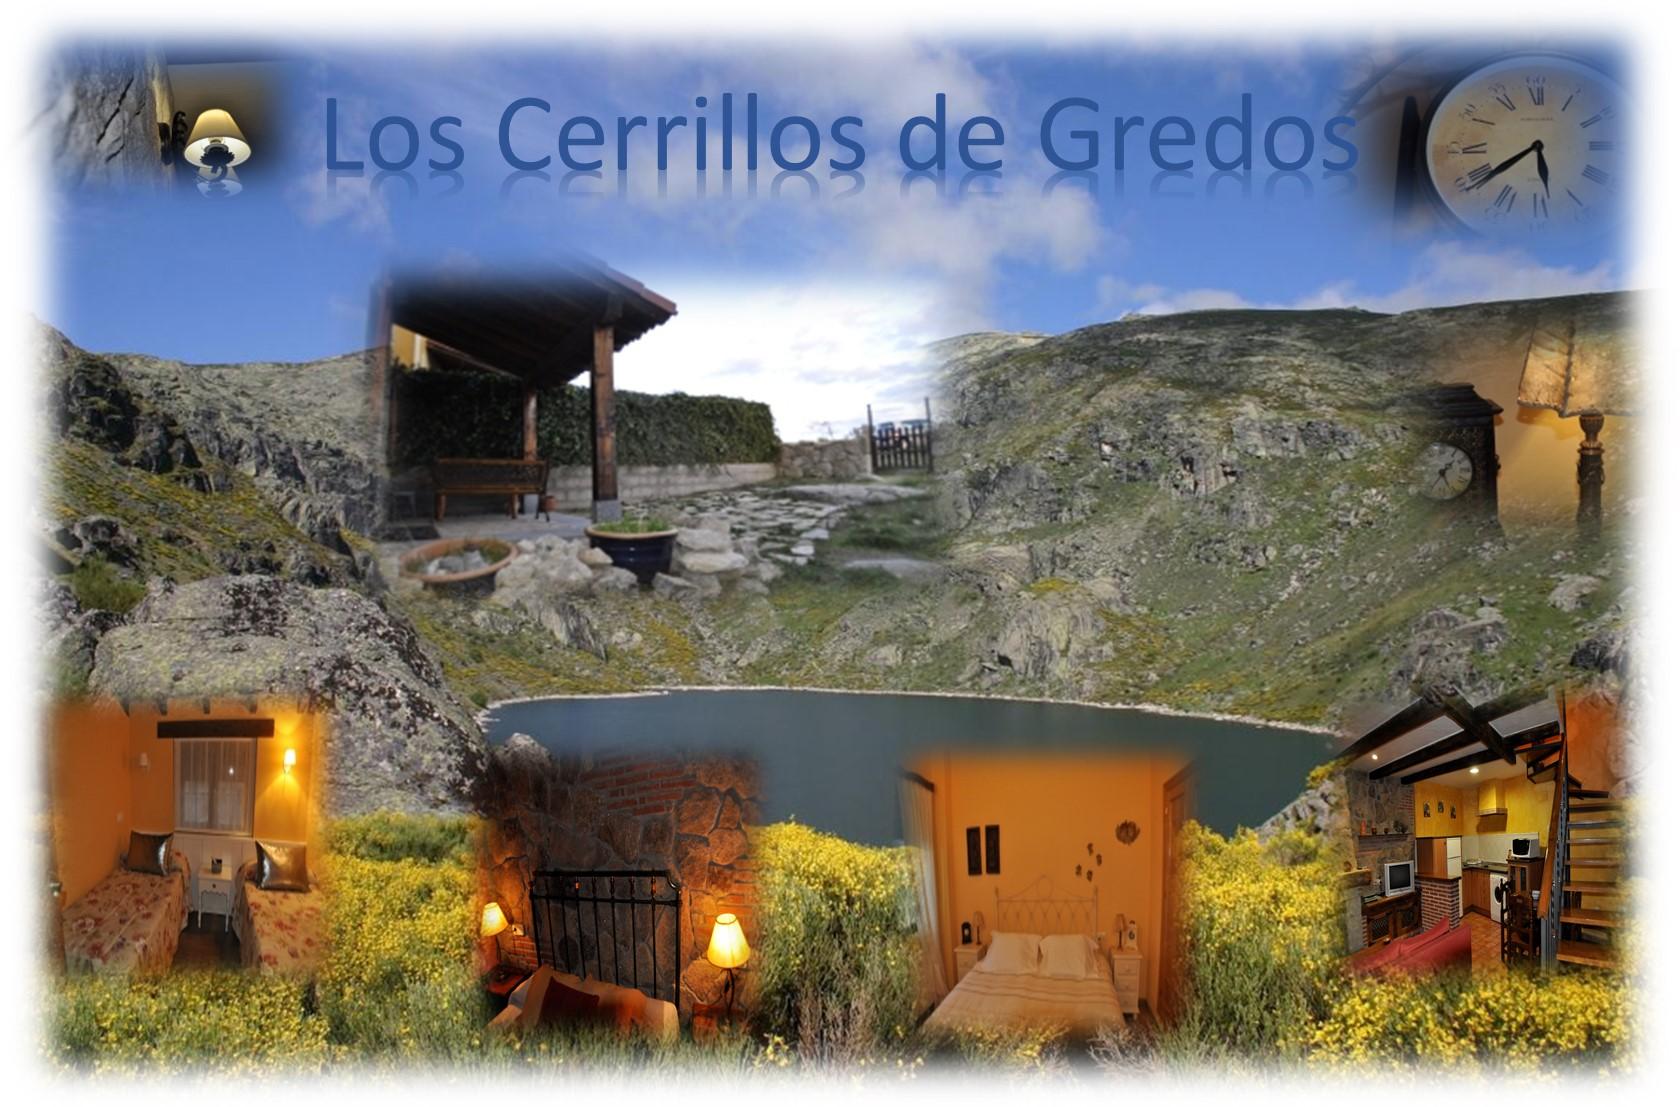 Gredos General con Los Cerrillos